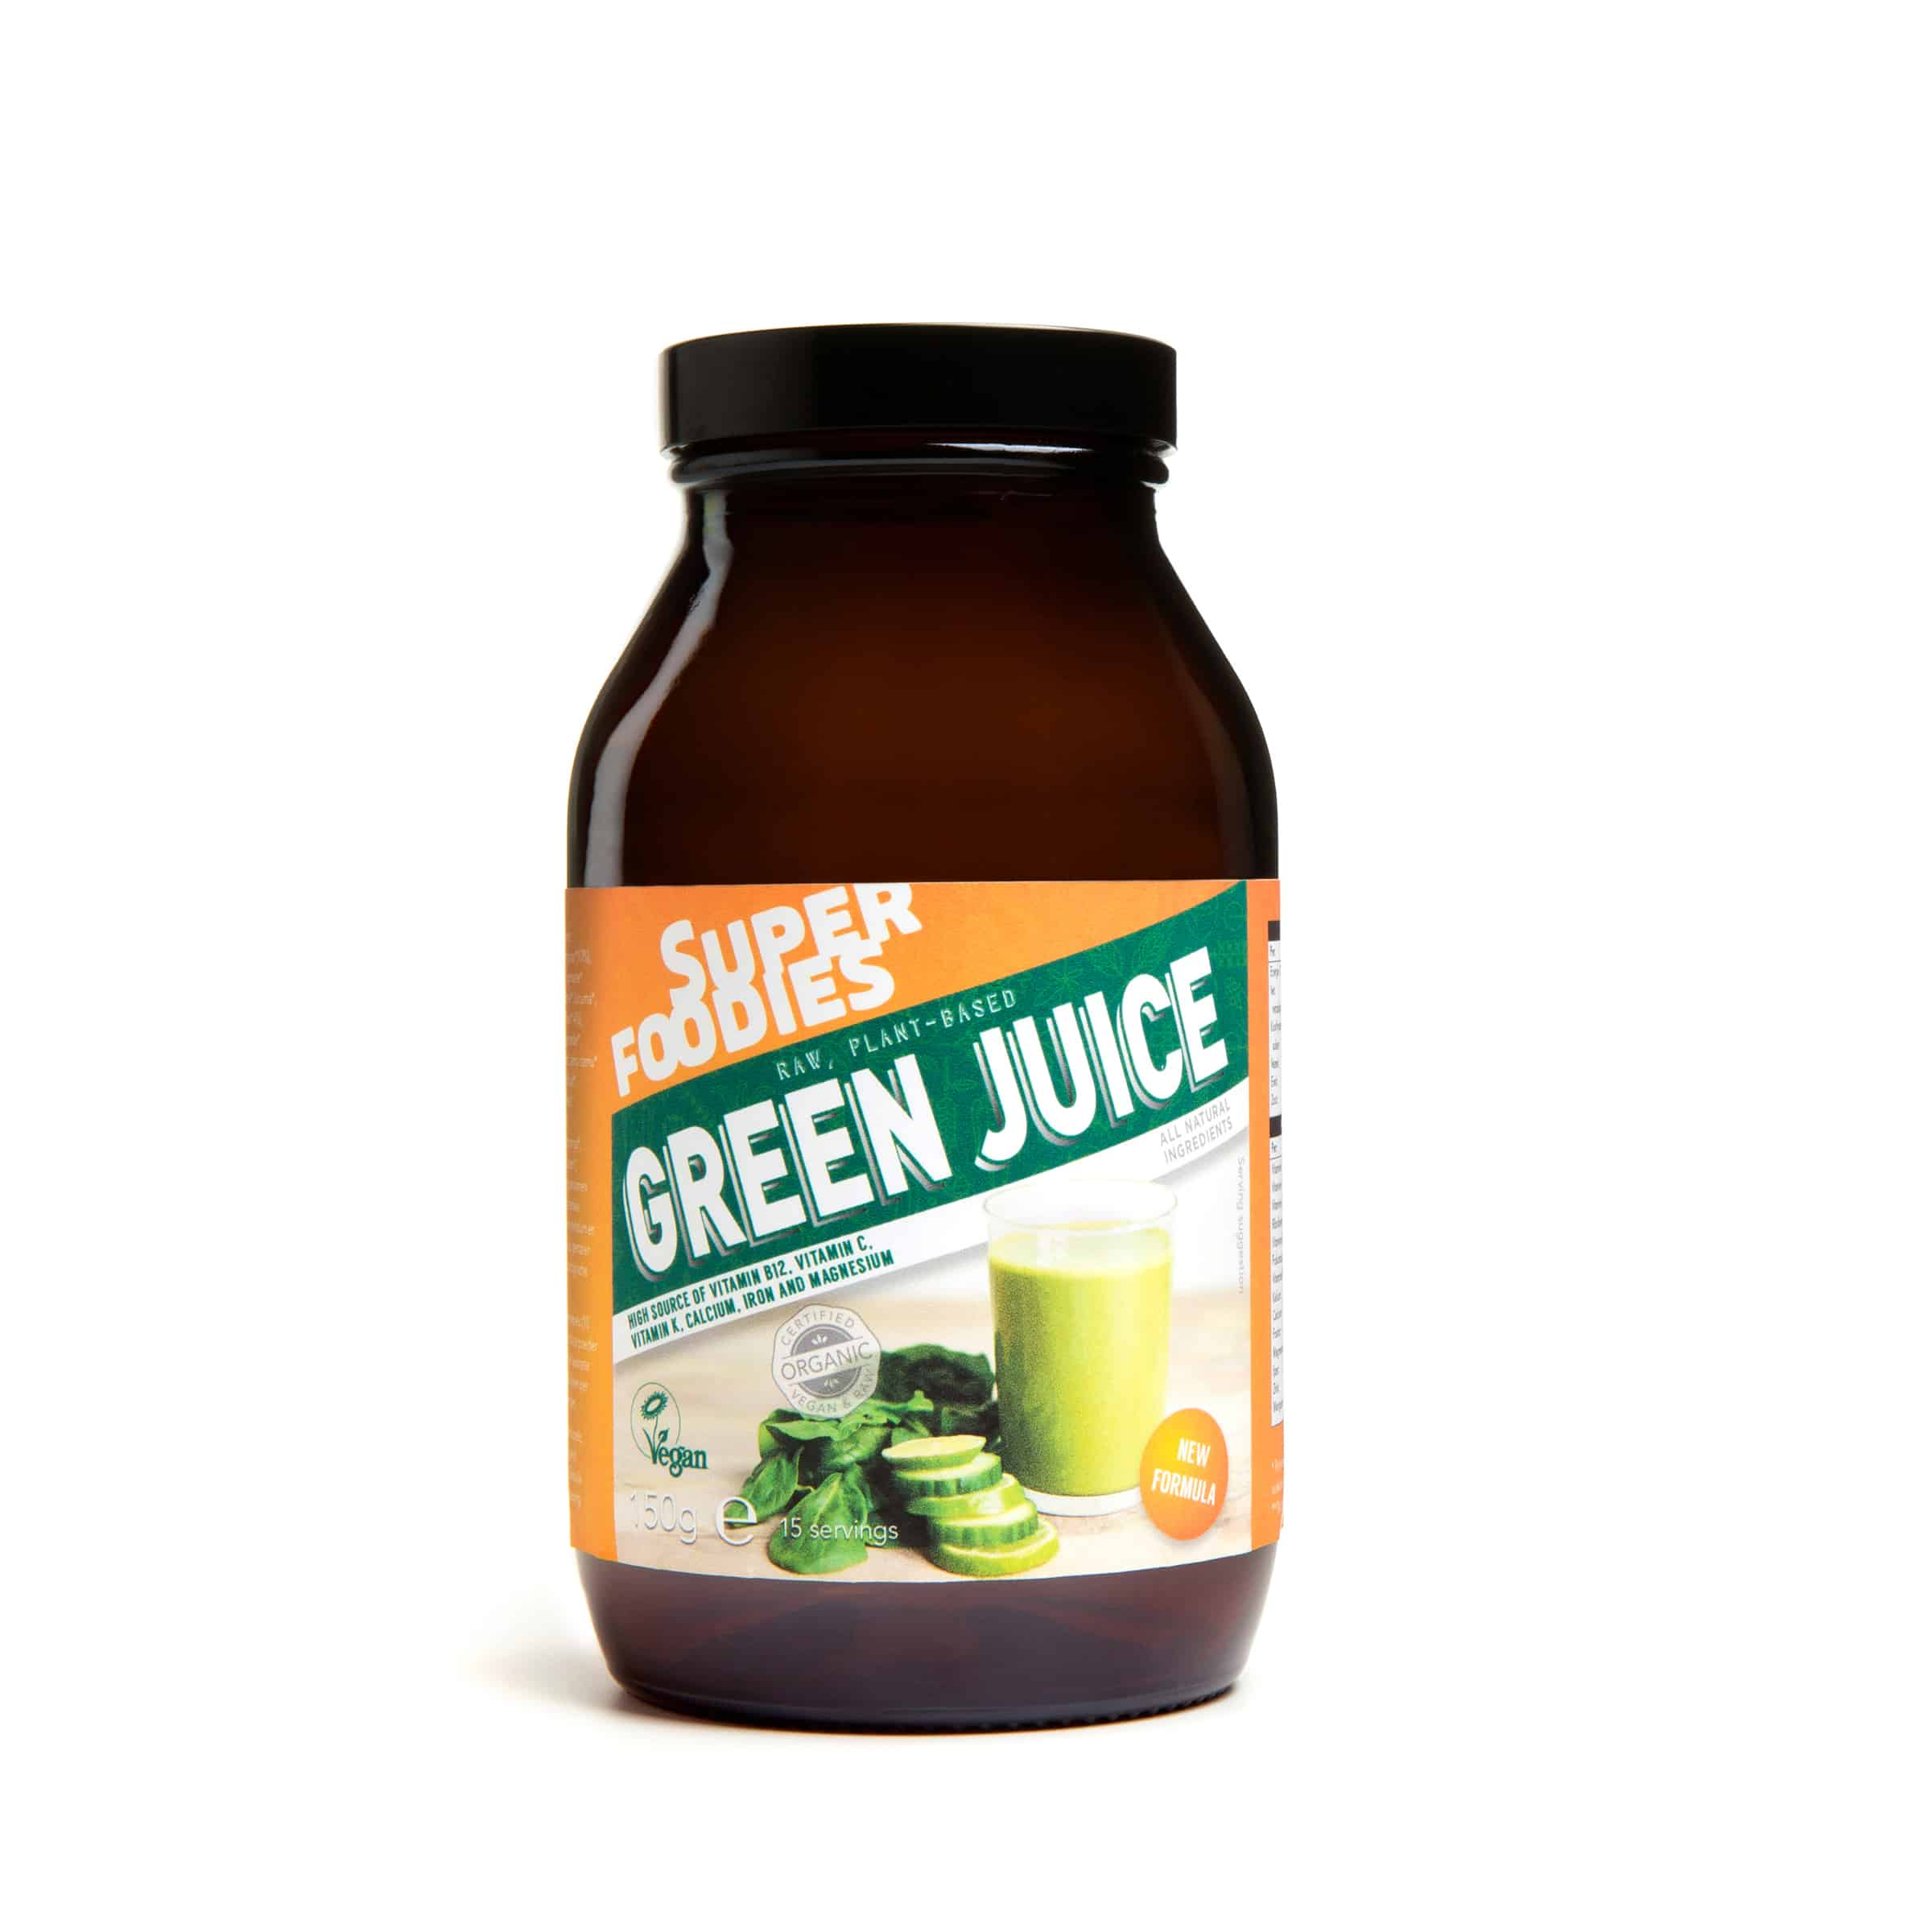 green juice - superfoodies